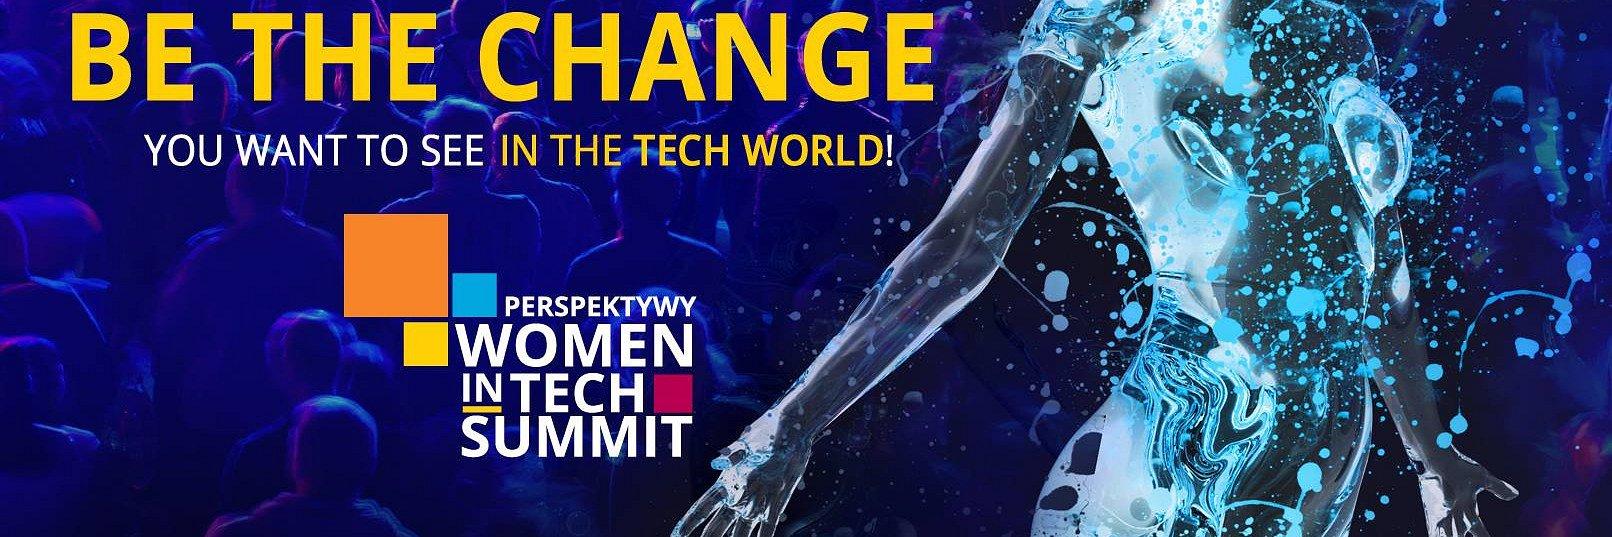 3M w Polsce inspiruje kobiety w świecie technologii podczas Perspektywy Women in Tech Summit